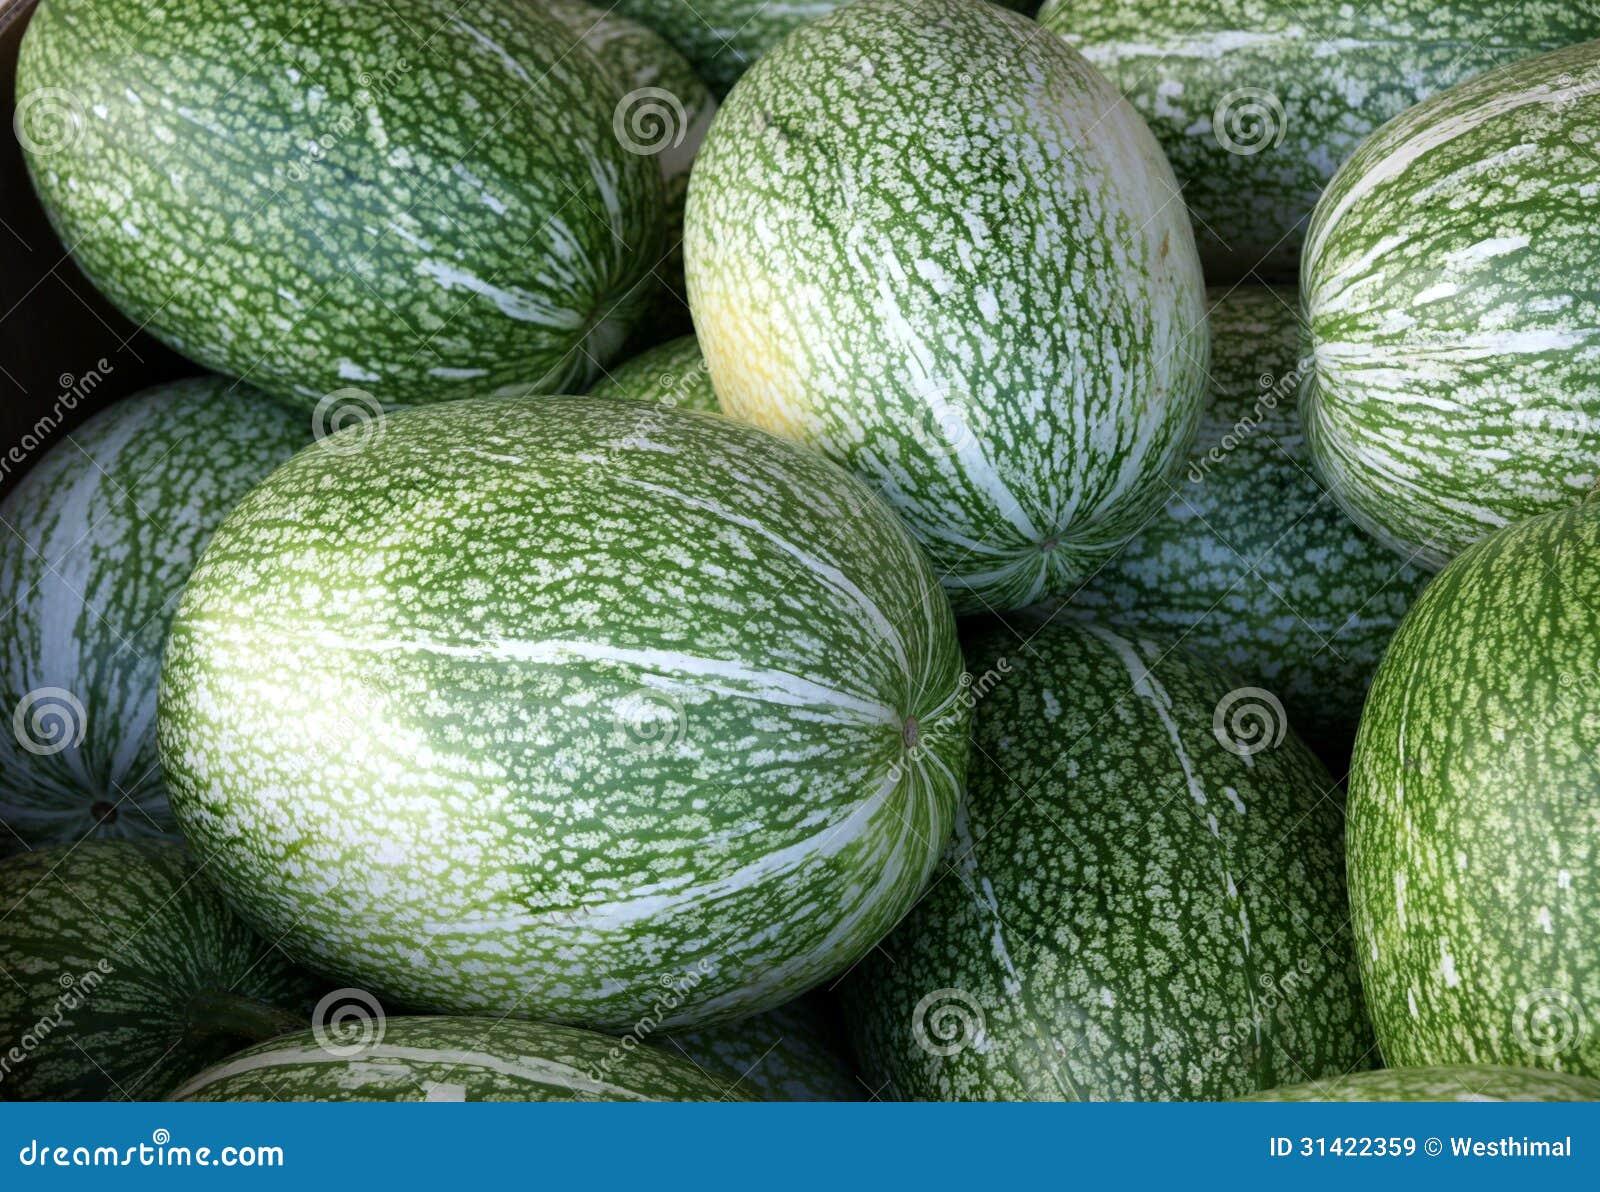 Chilacayota, shark-fin melon, Malabar gourd, Cucurbita ficifolia, with ...